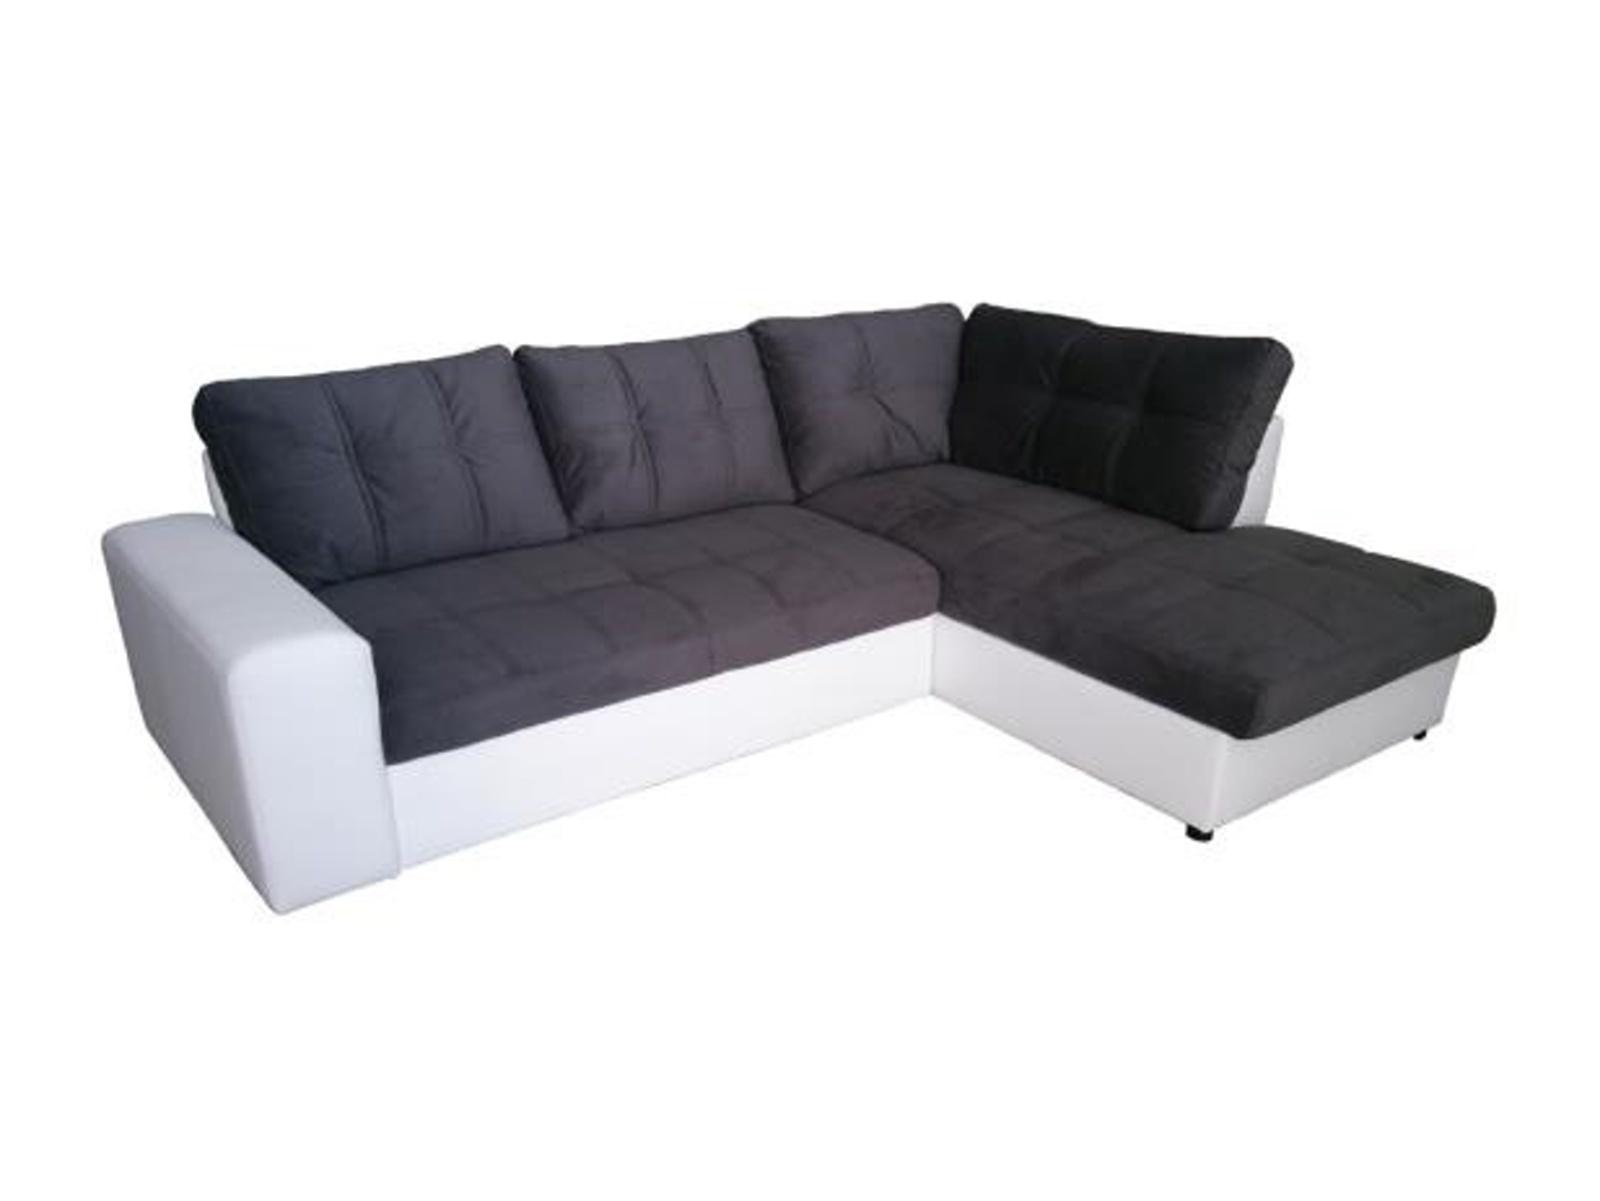 Aspol Rohová sedačka ORLANDO pravá, šedá látka/bílá ekokůže